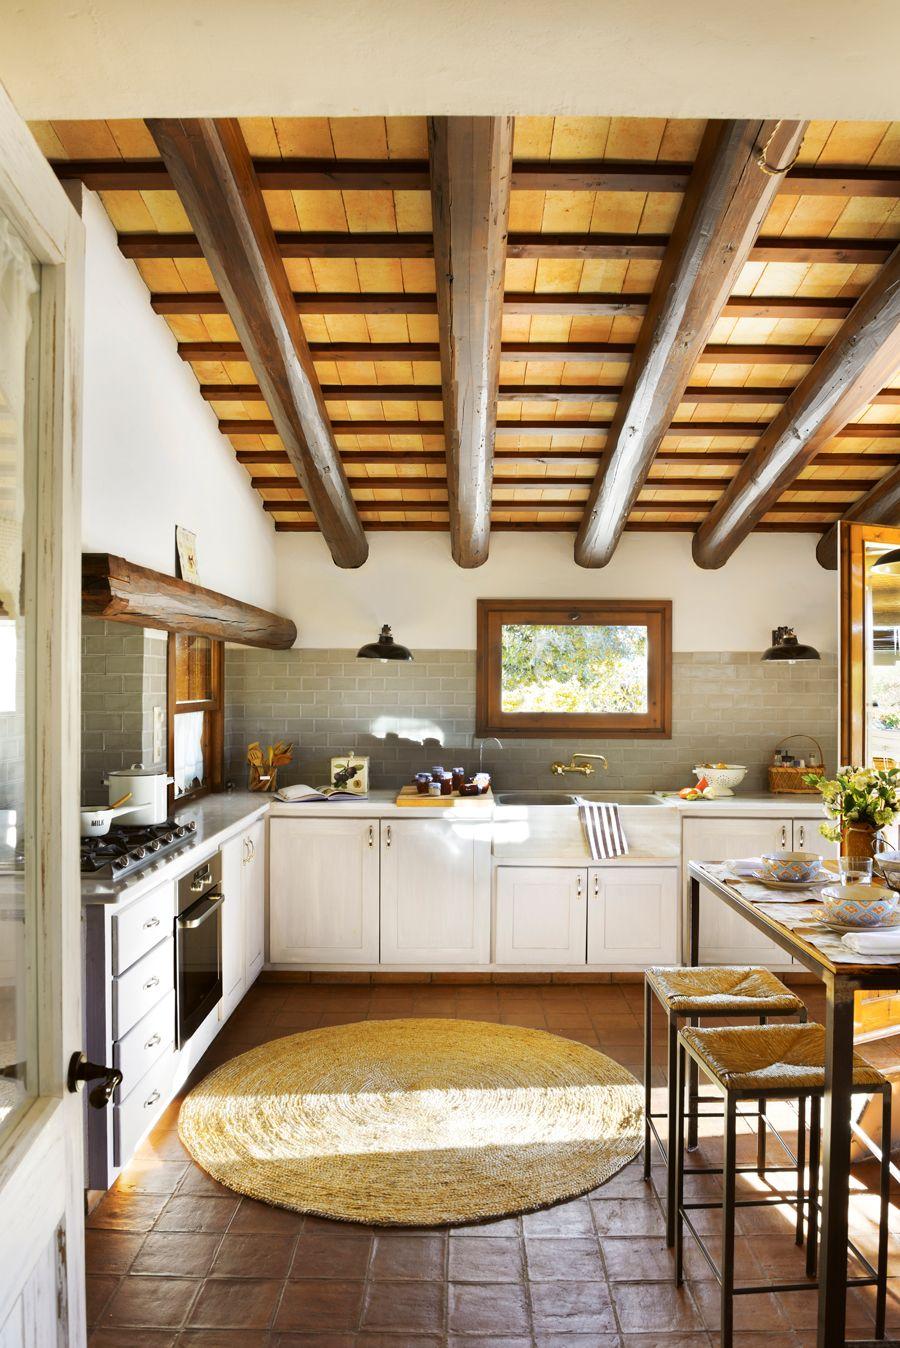 Cocina rústica con vigas, antepecho de azulejos, alfombra de fibra y ...